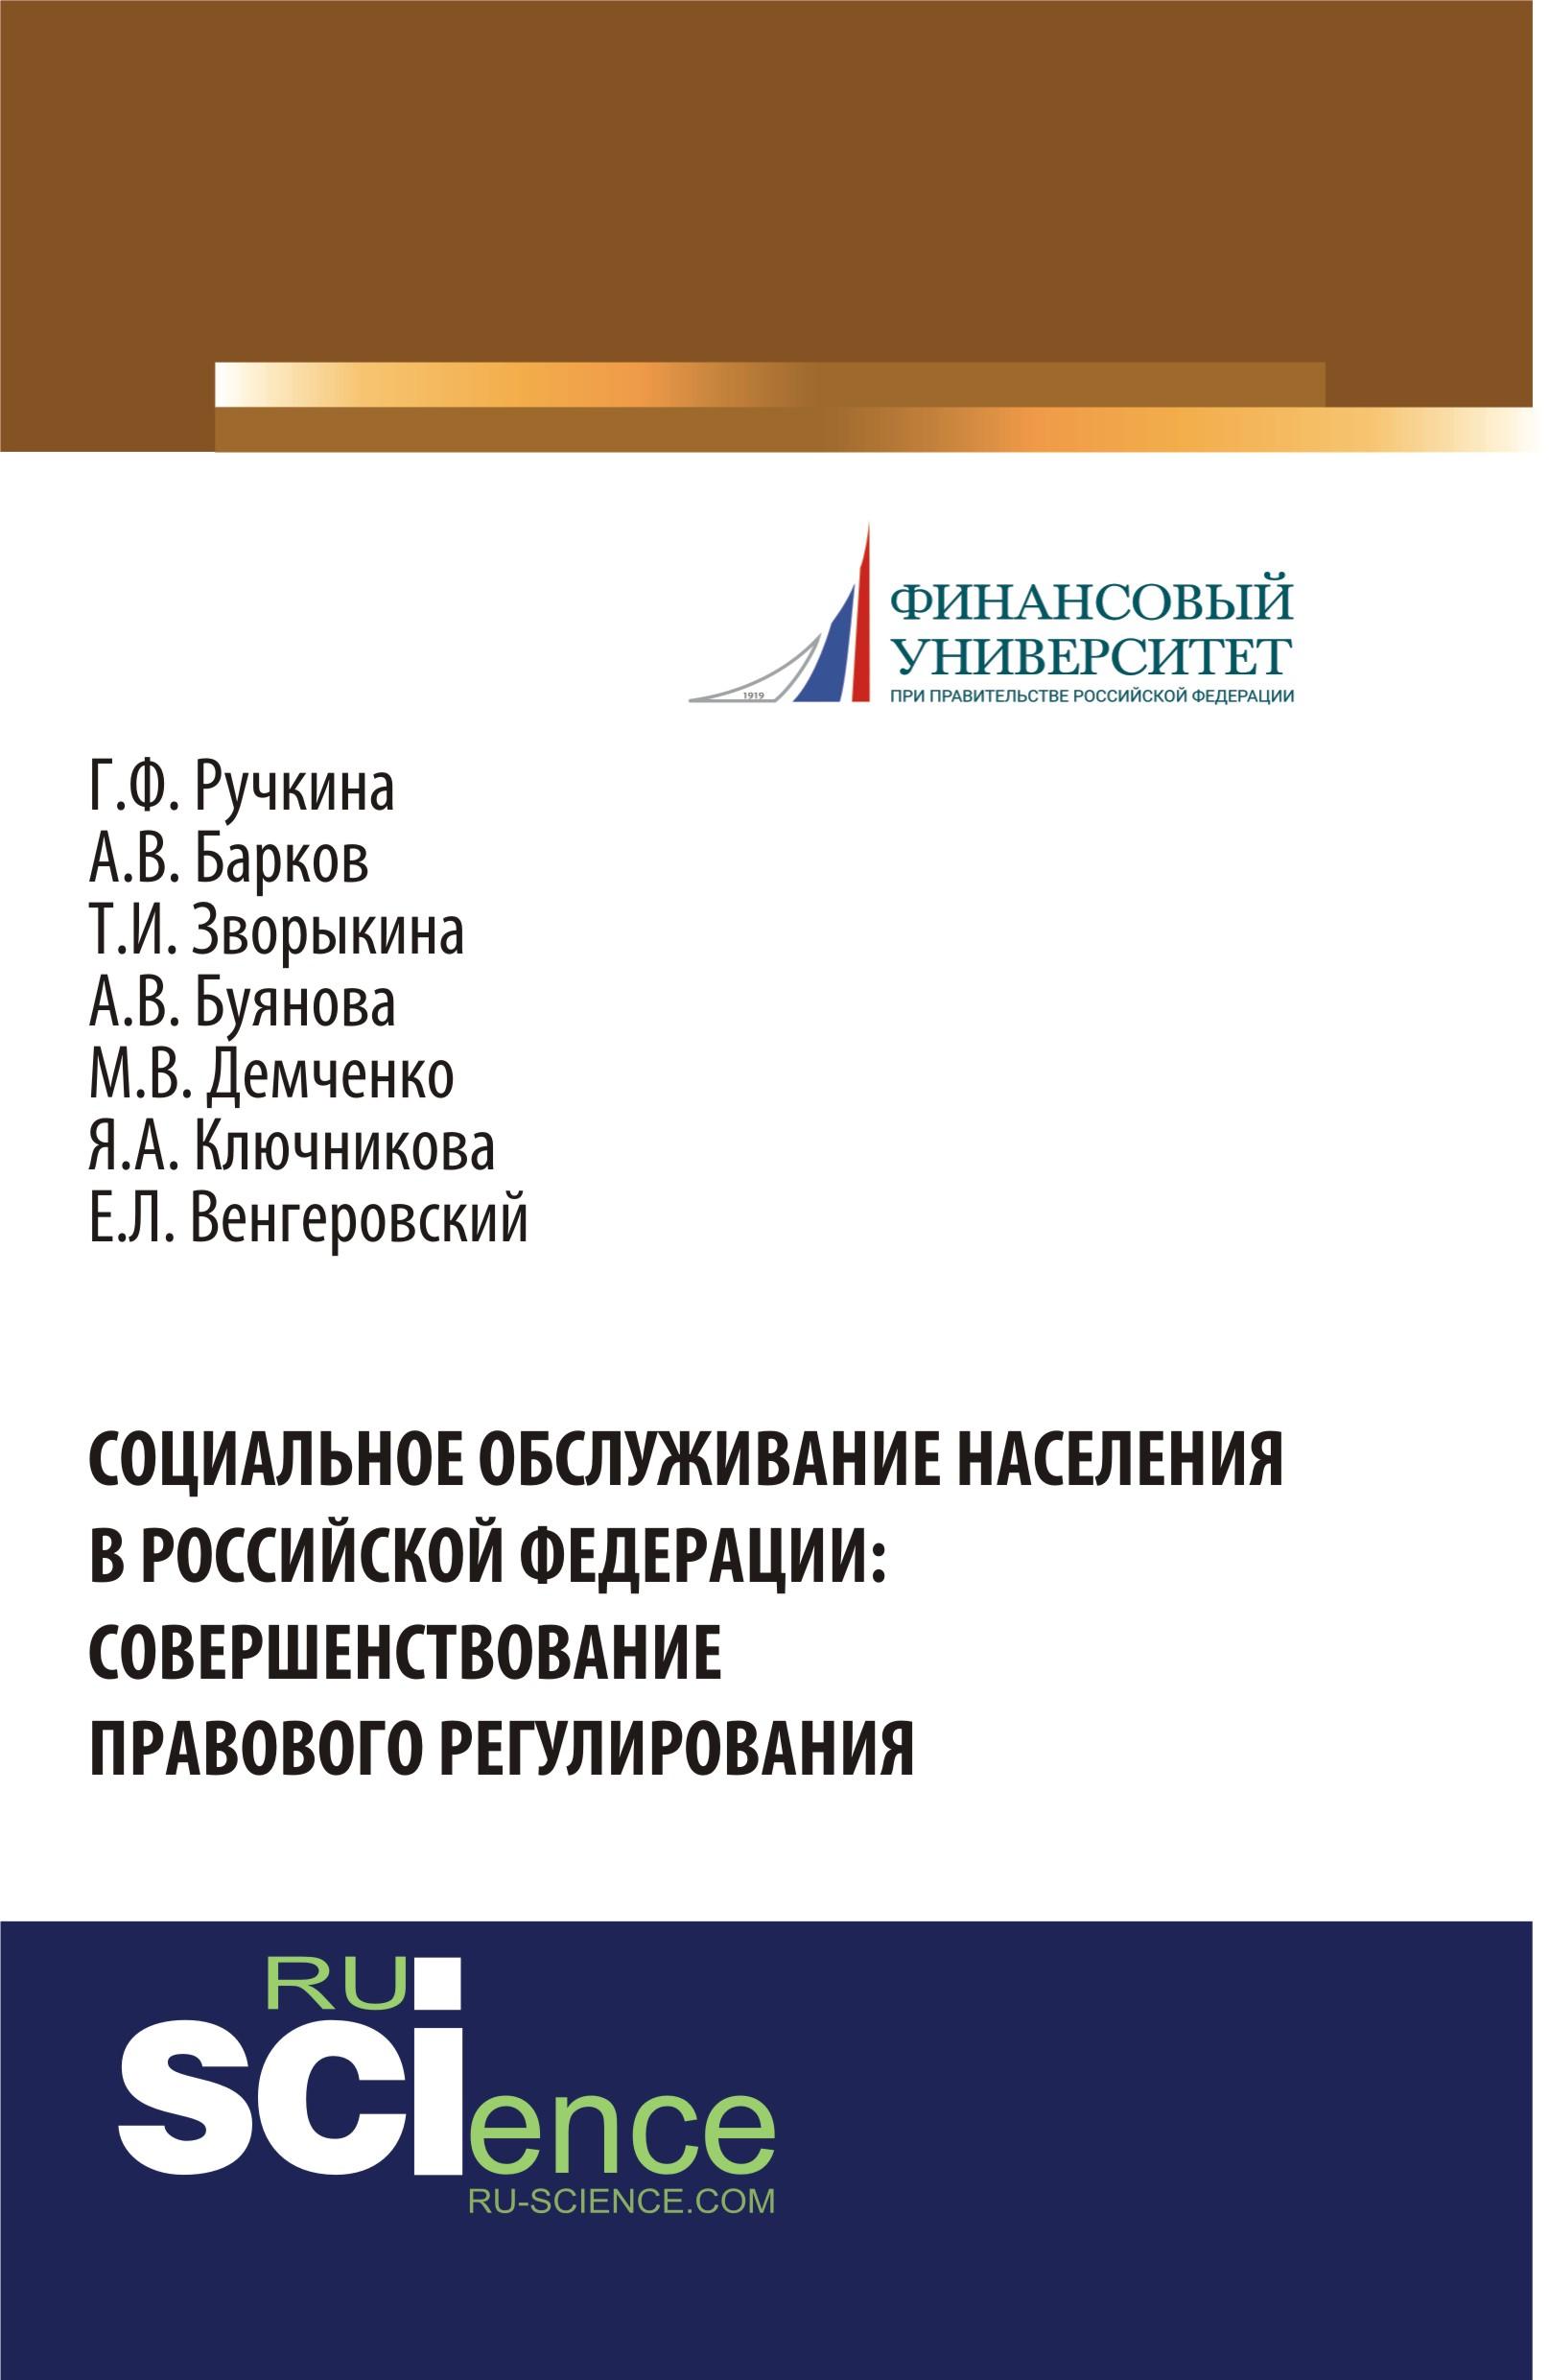 Социальное обслуживание населения в Российской Федерации. Совершенствование правового регулирования